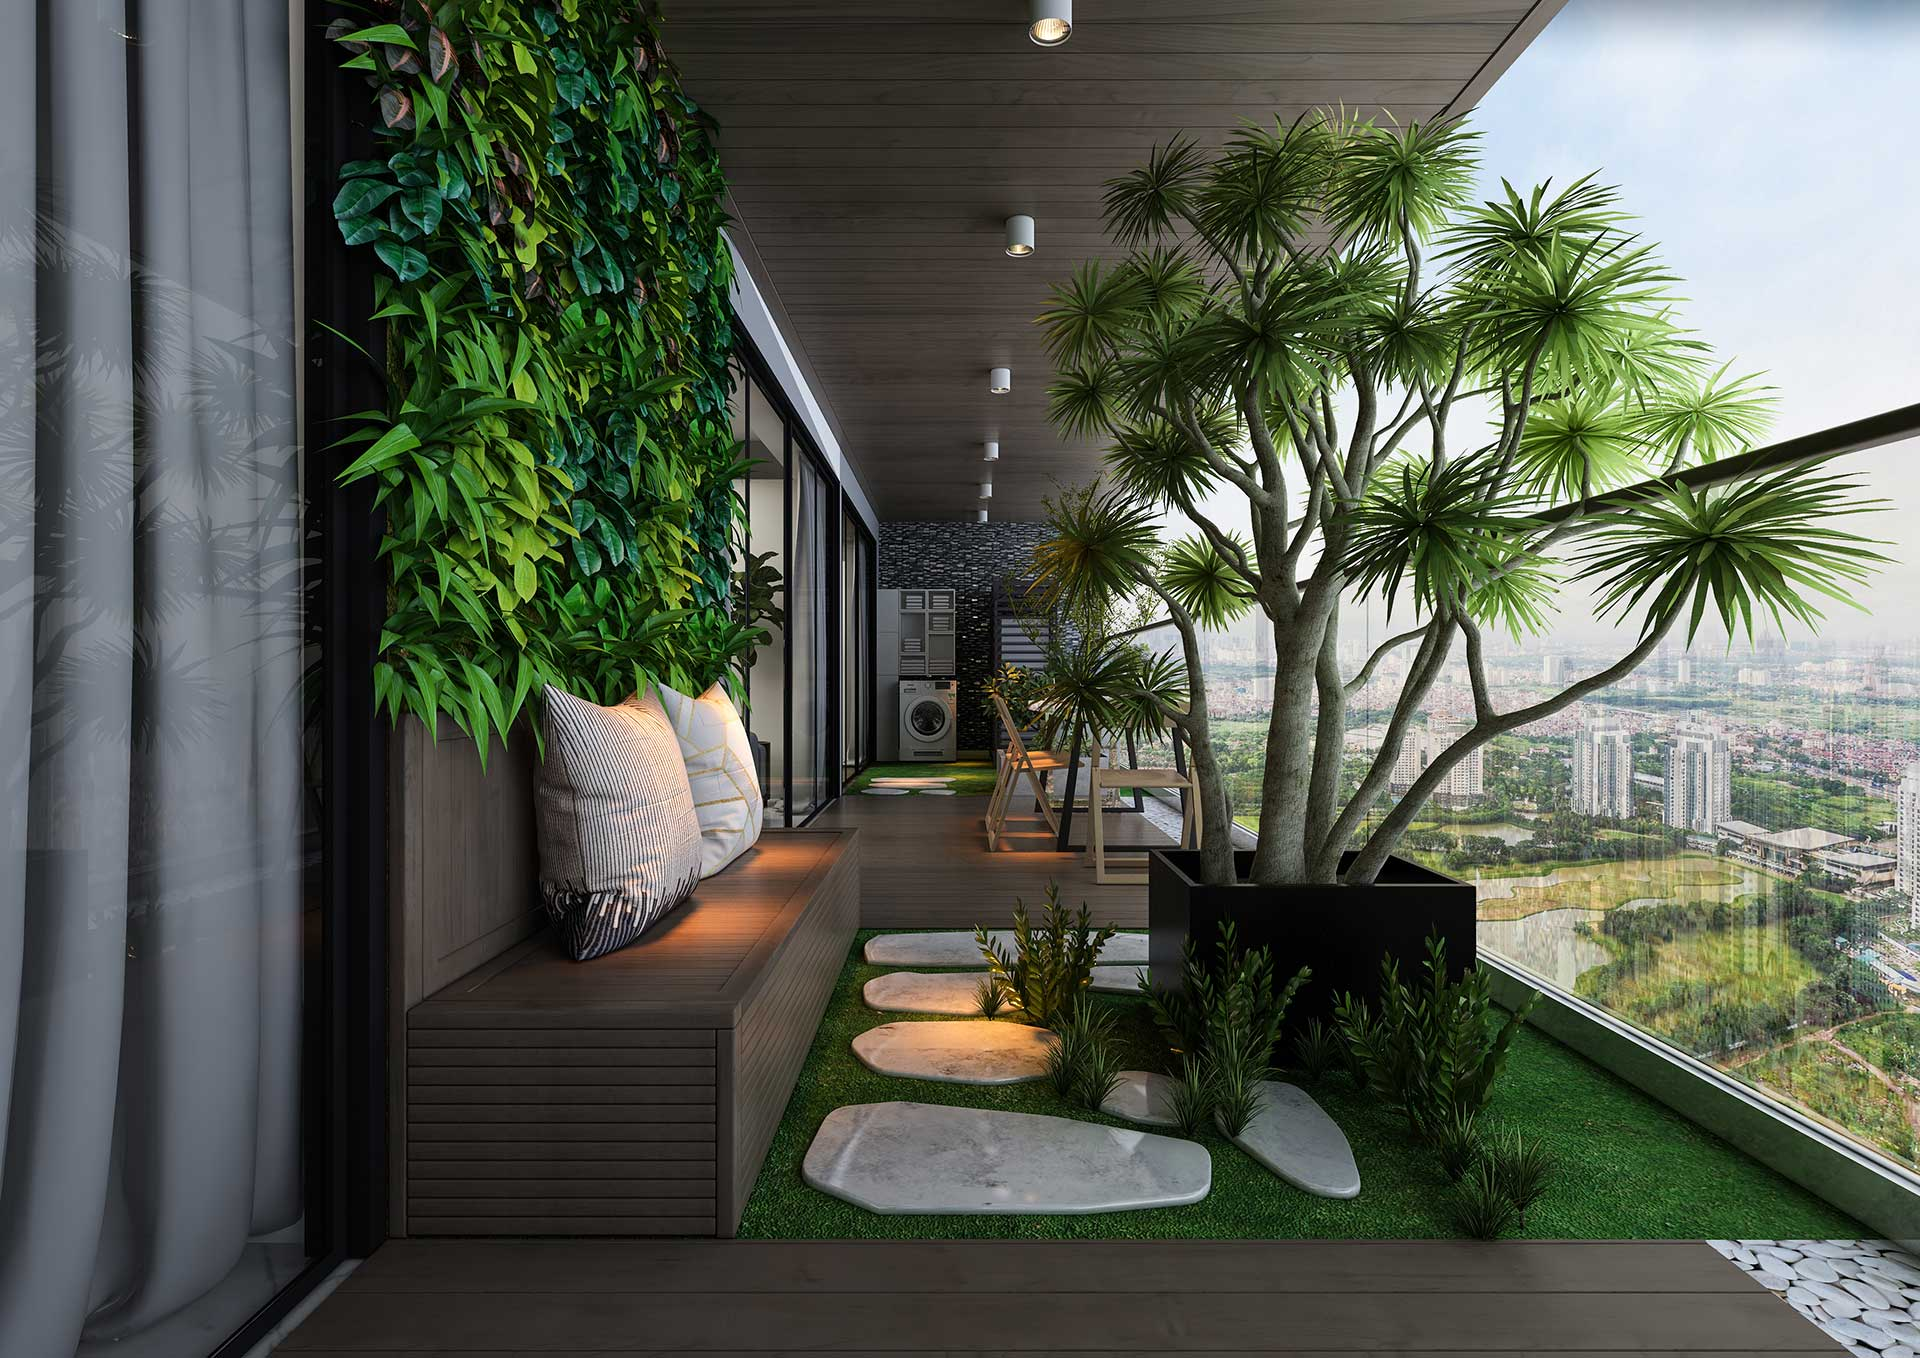 Sân vườn Biệt thự Sky Villas Dự án Sunshine Empire Ciputra Nam Thăng Long